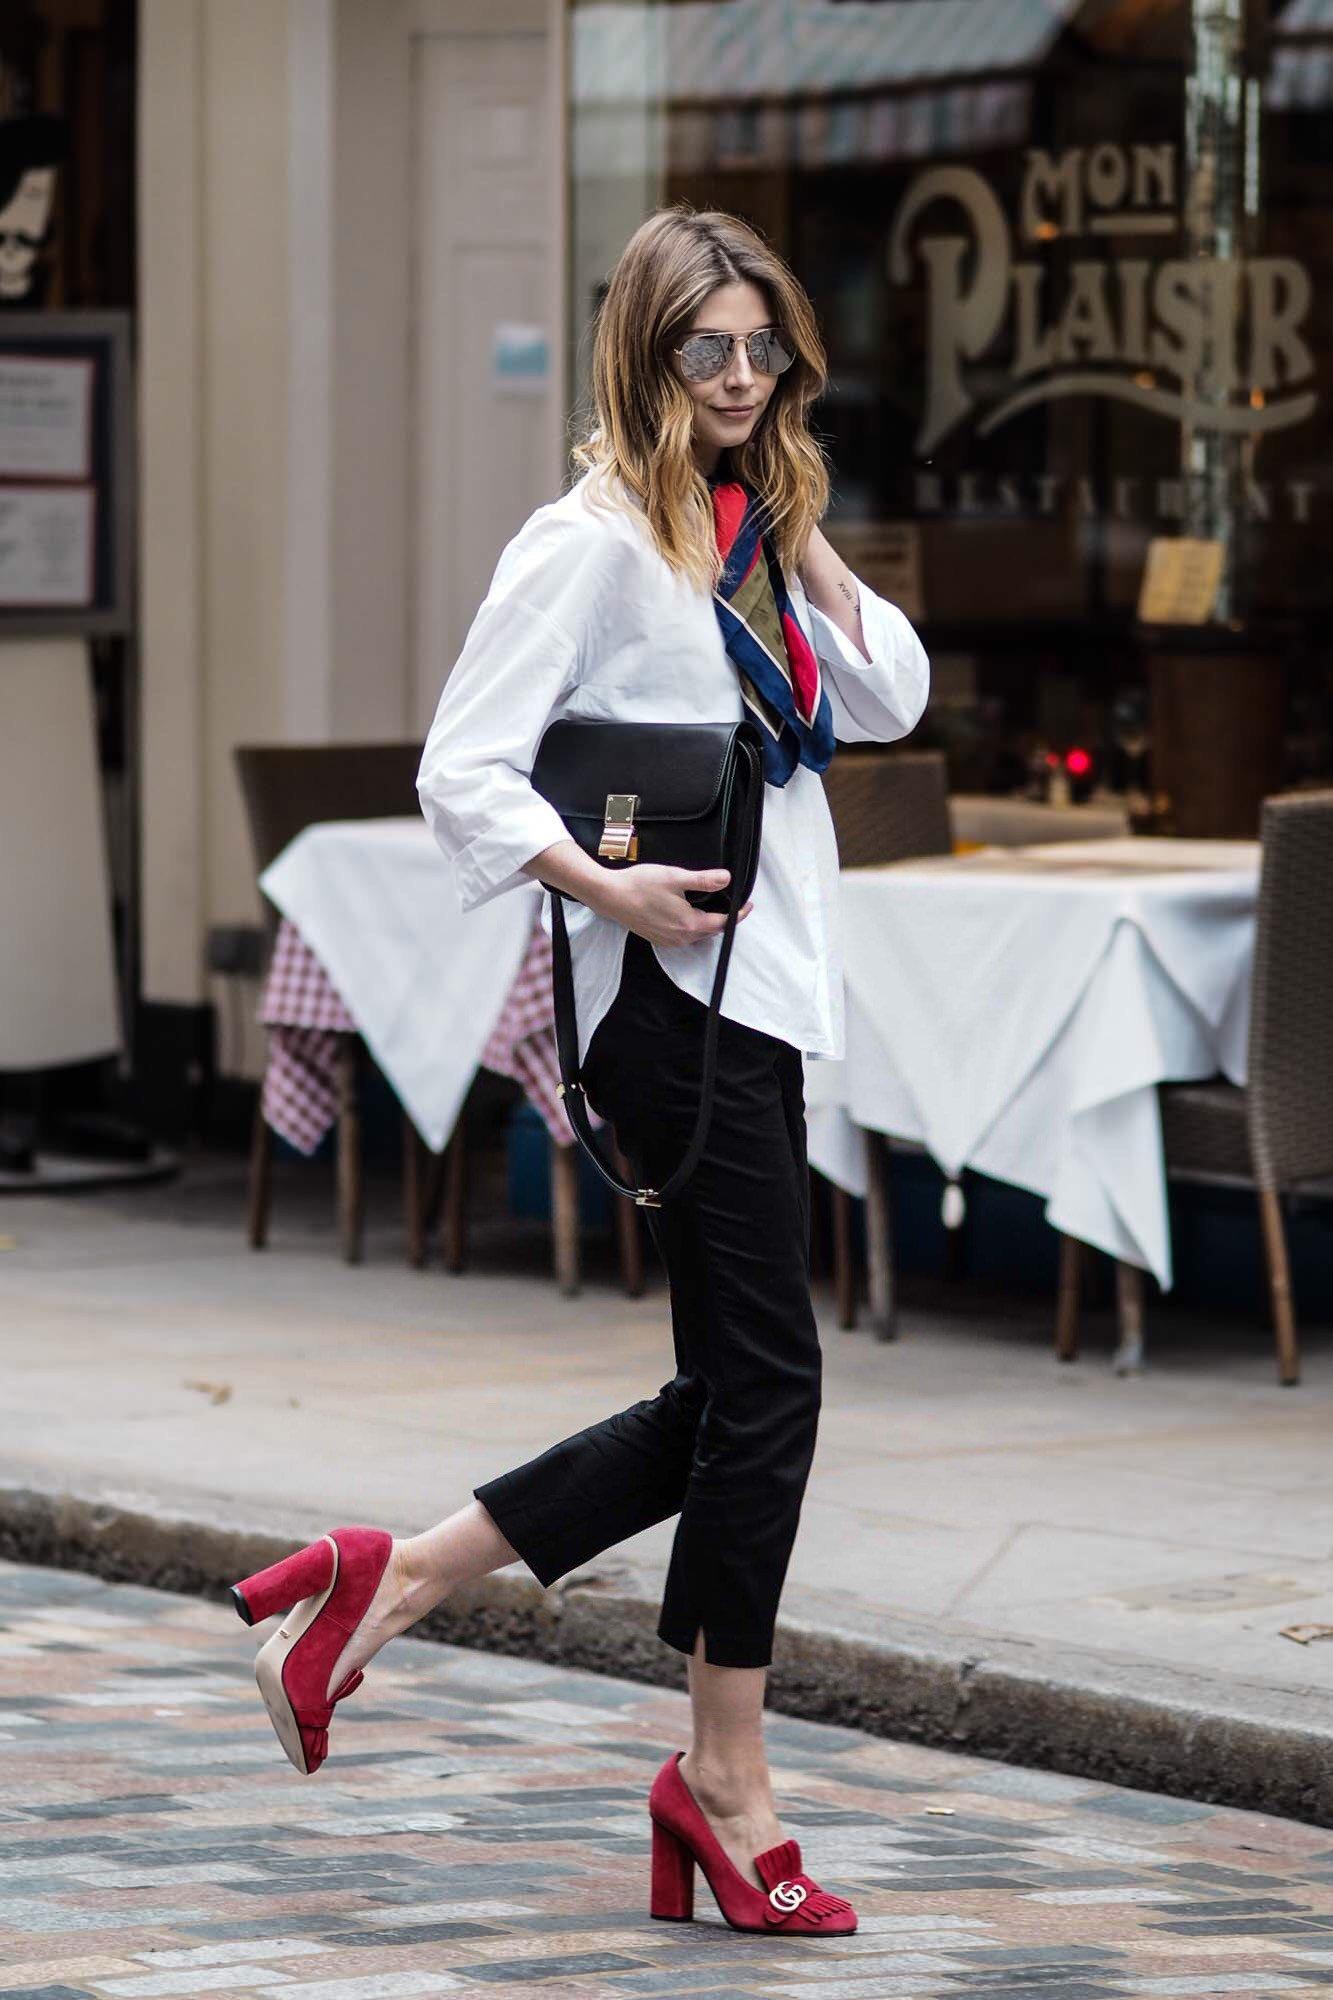 1eff248ae10 Chica caminando por la calle usando un atuendo blanco y negro con unos  zapatos cuadrados de